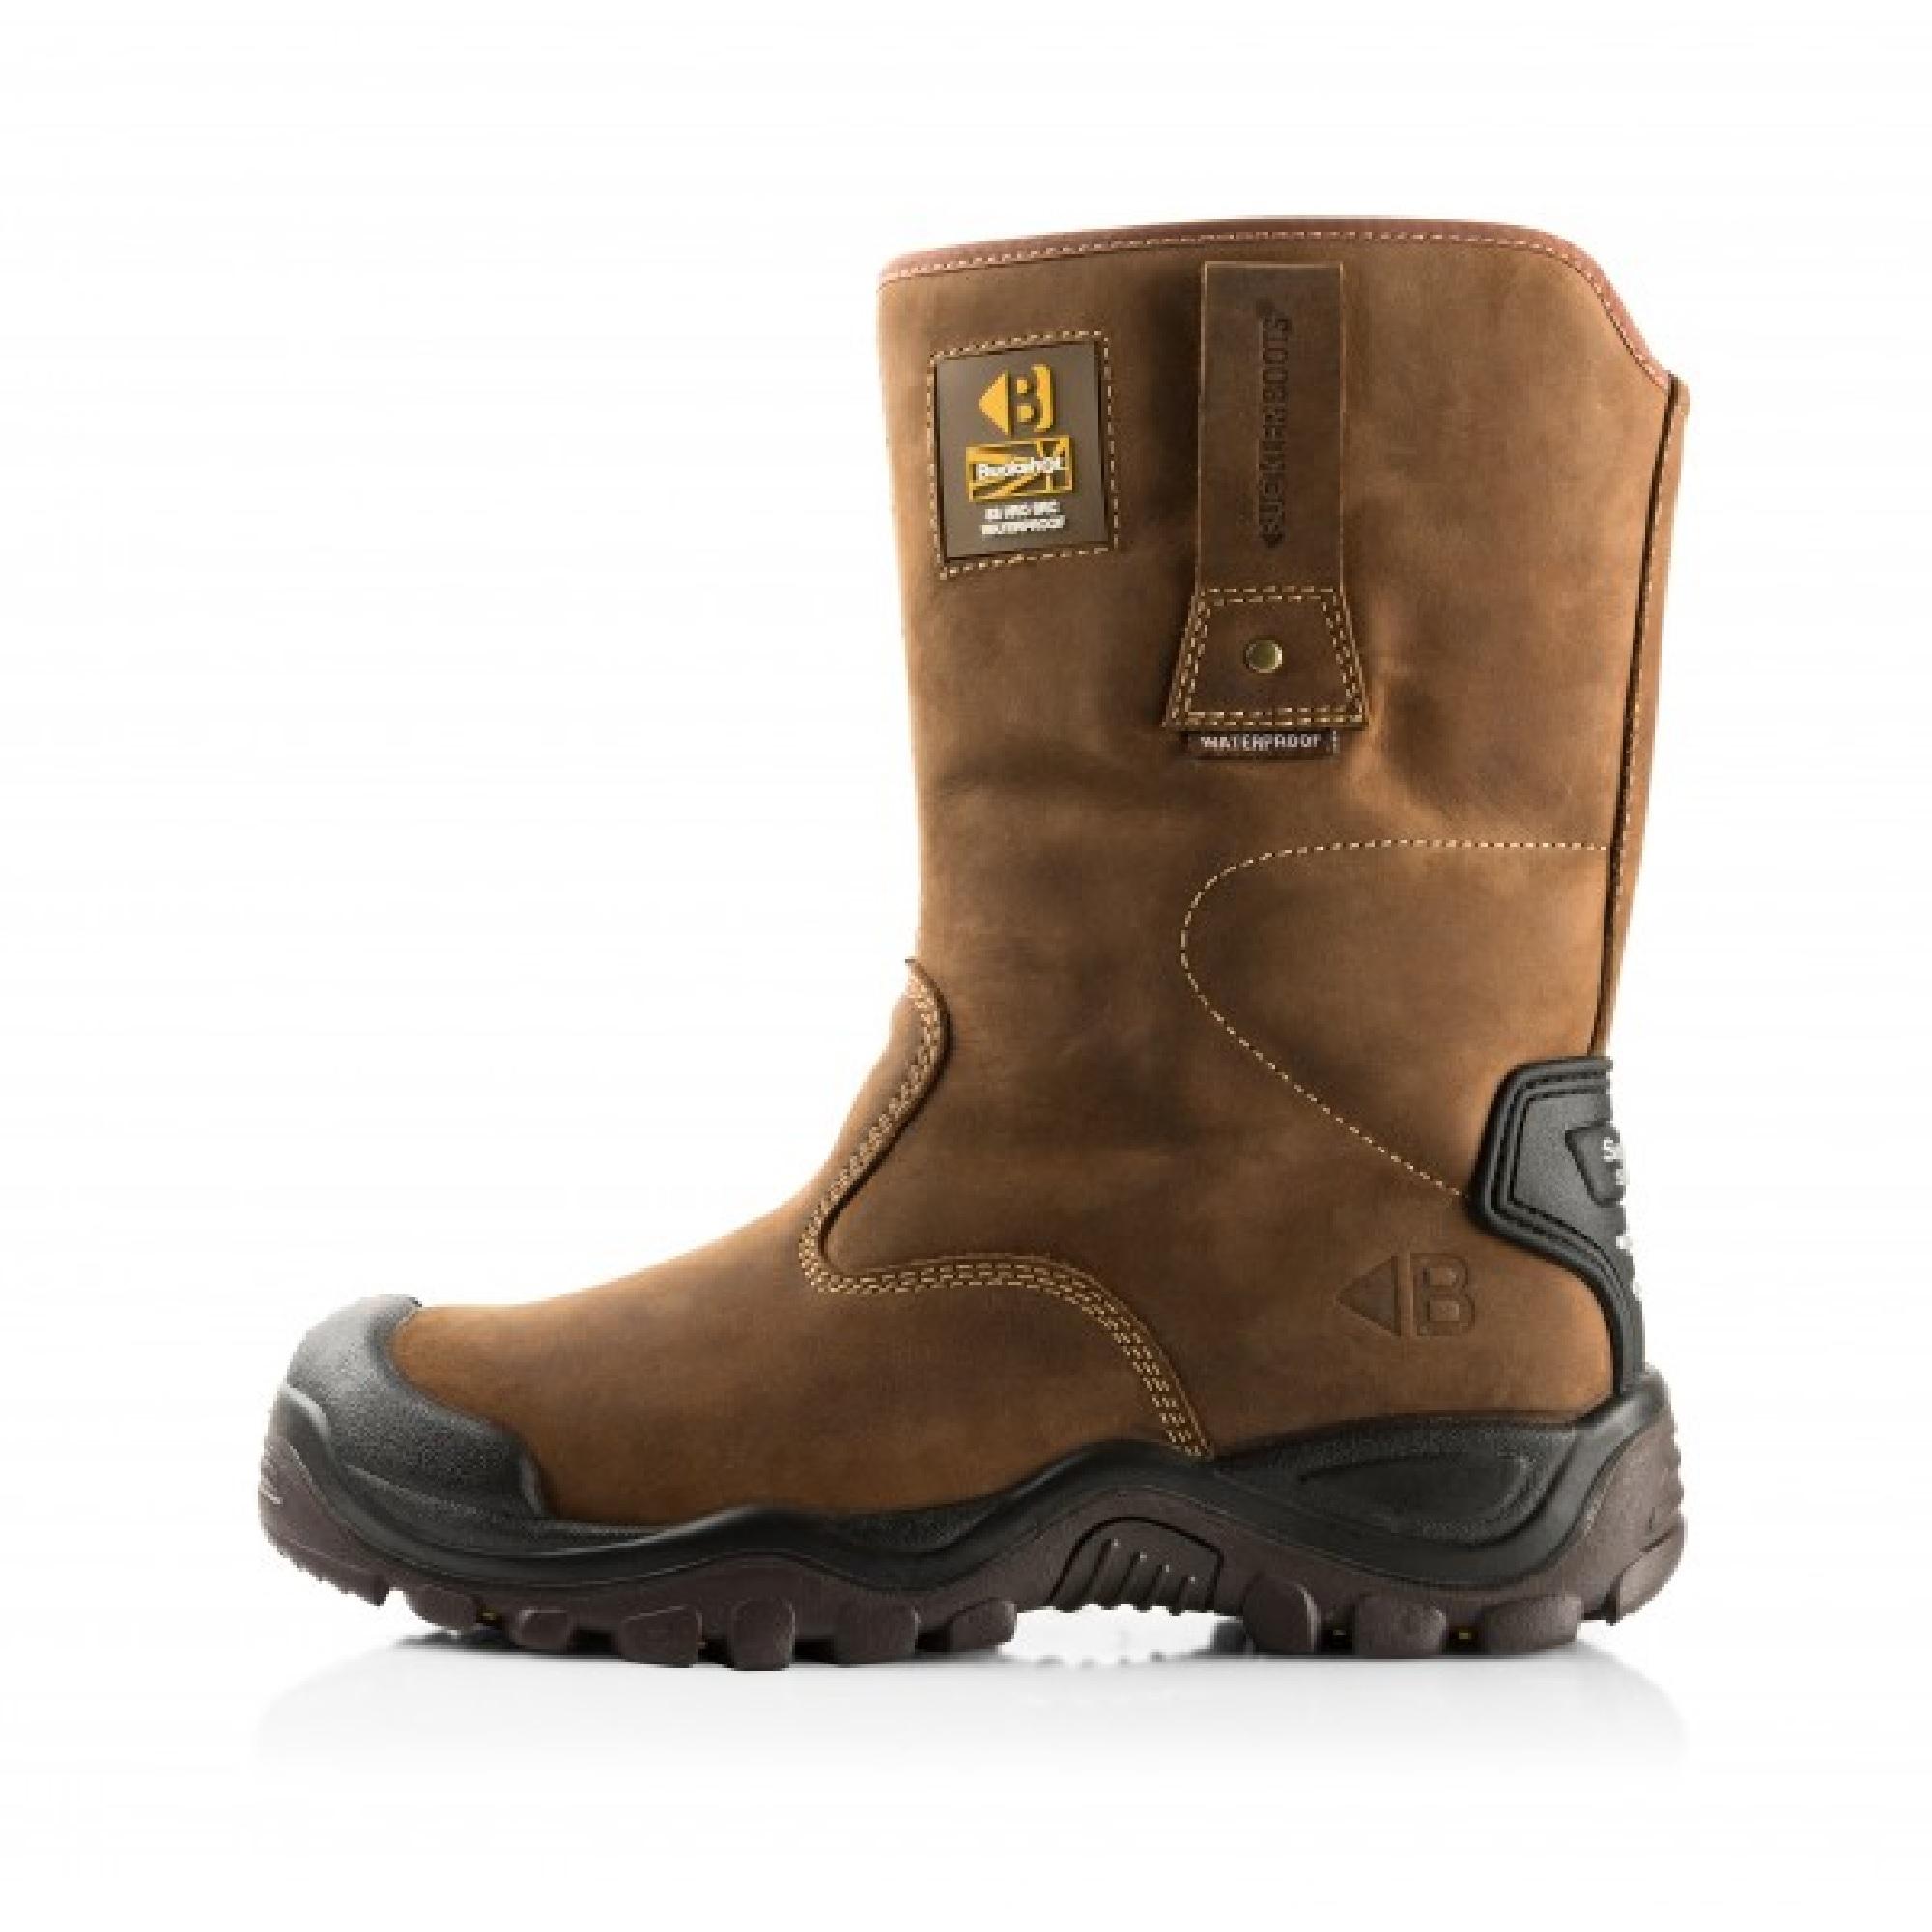 602441efbf6 Buckler BSH010BR Safety Rigger Boot | DQ Services Ltd